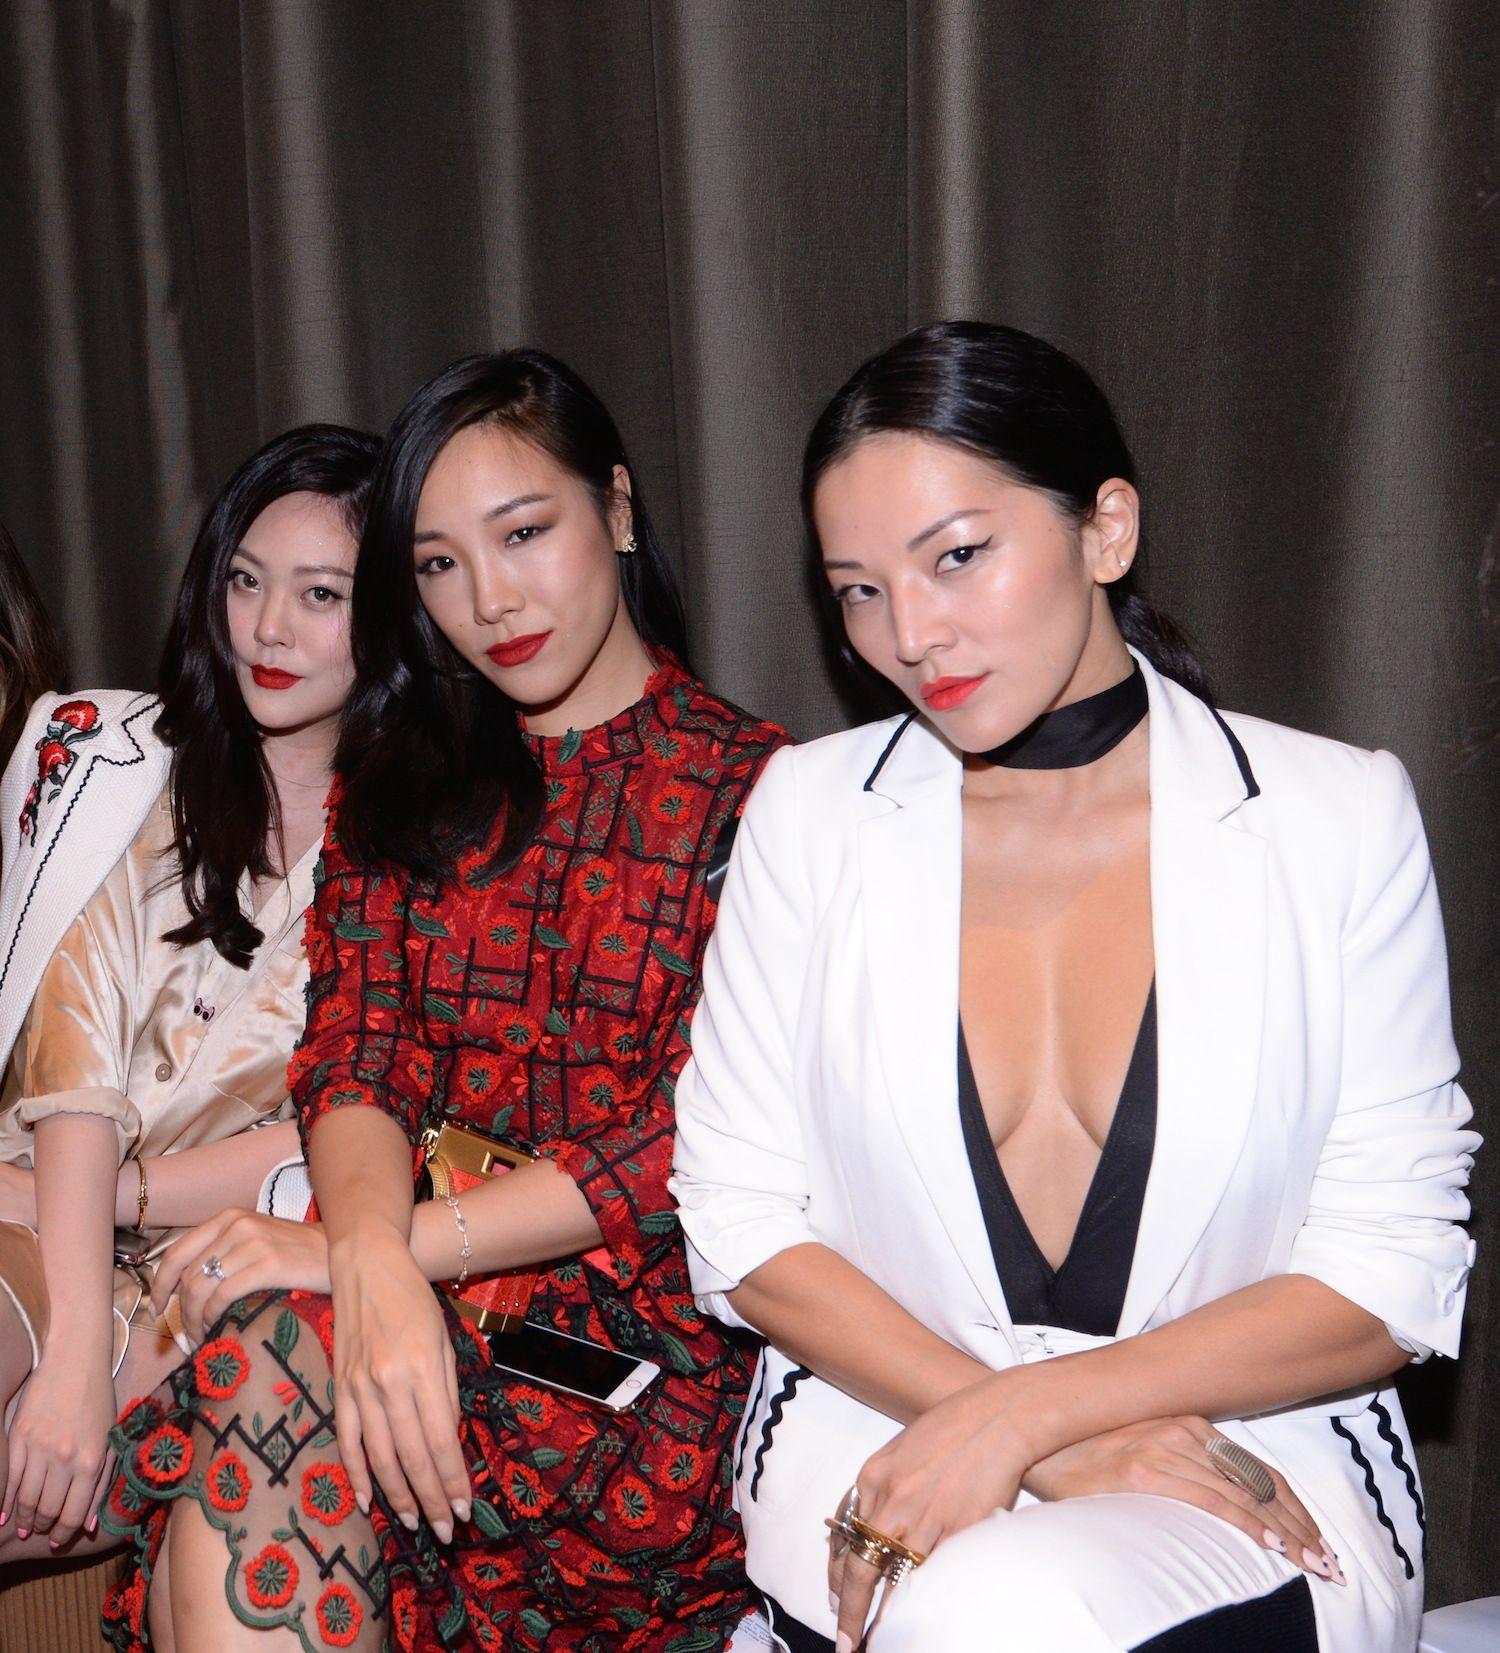 René Chu, Feiping Chang and Tina Leung